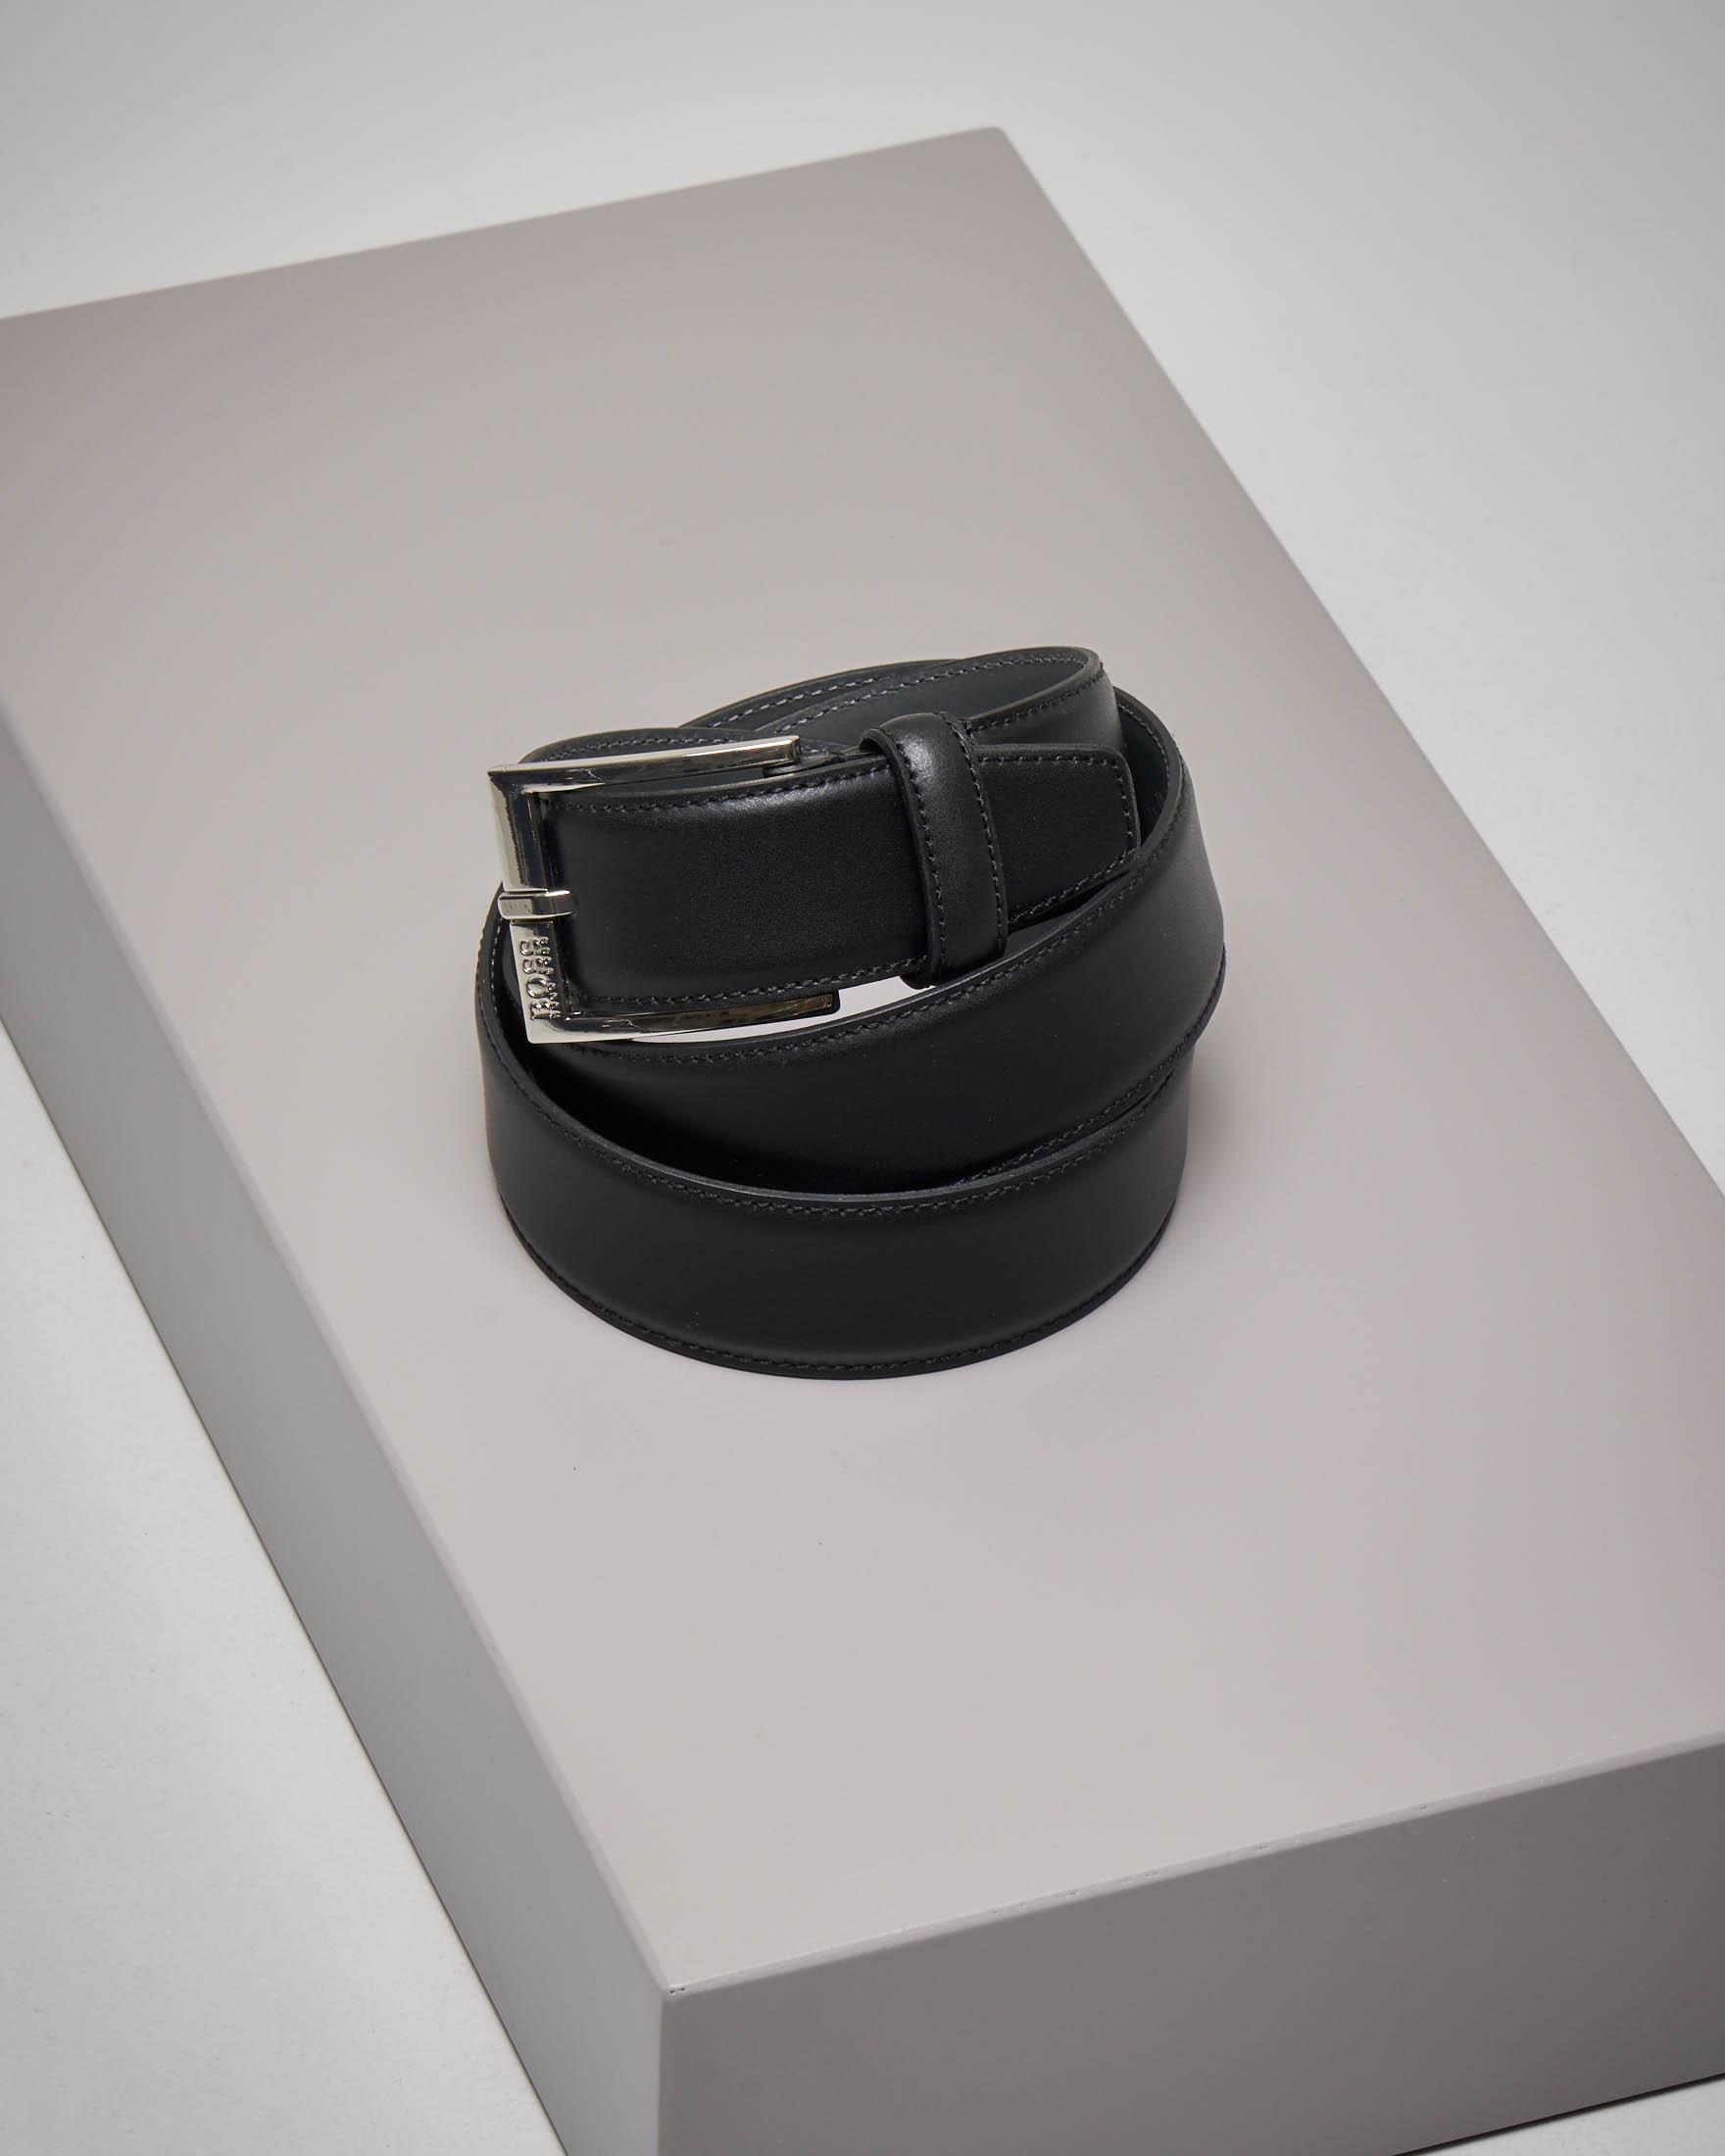 Cintura nera in pelle